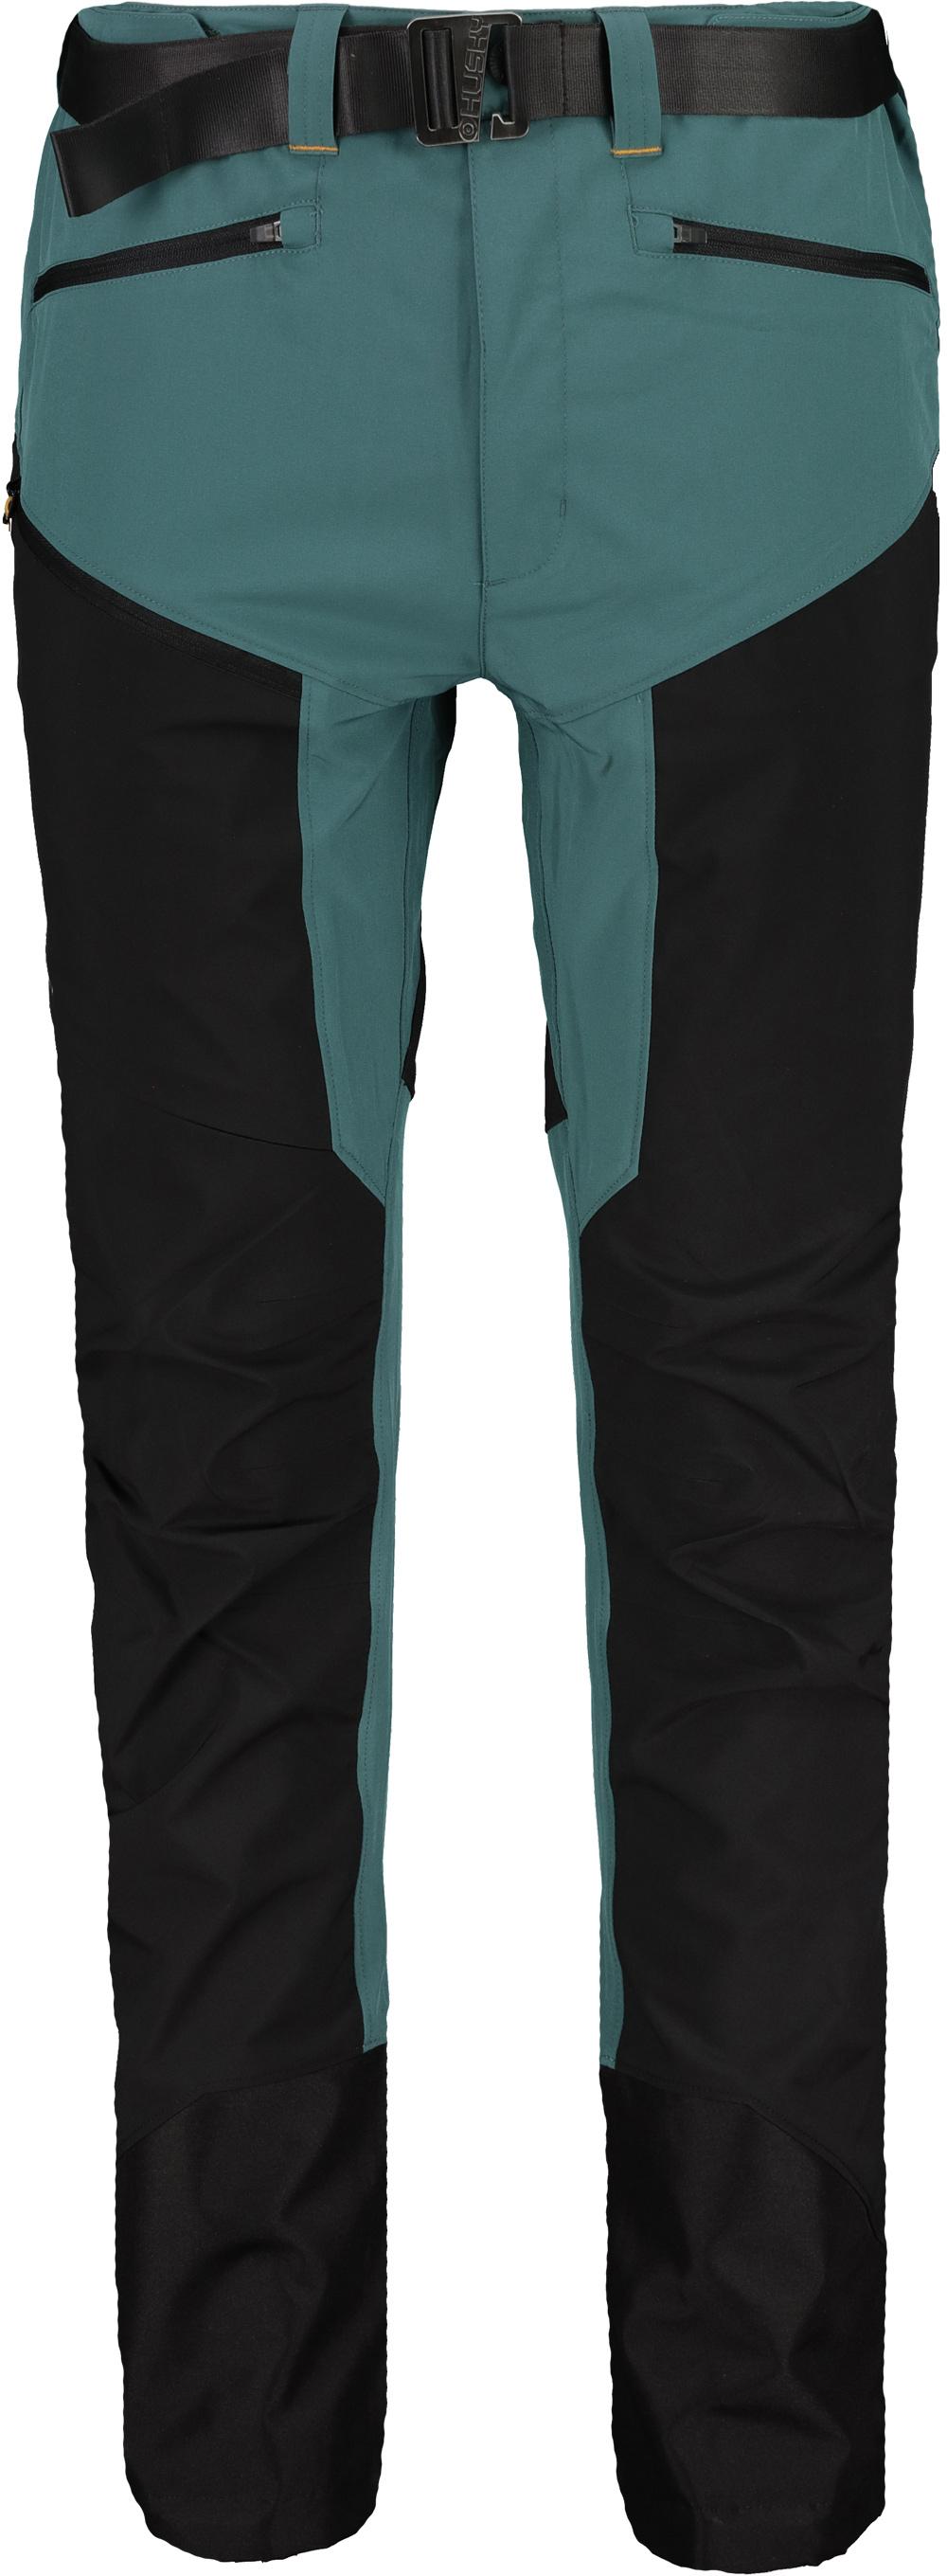 Kalhoty pánské HUSKY KRONY M